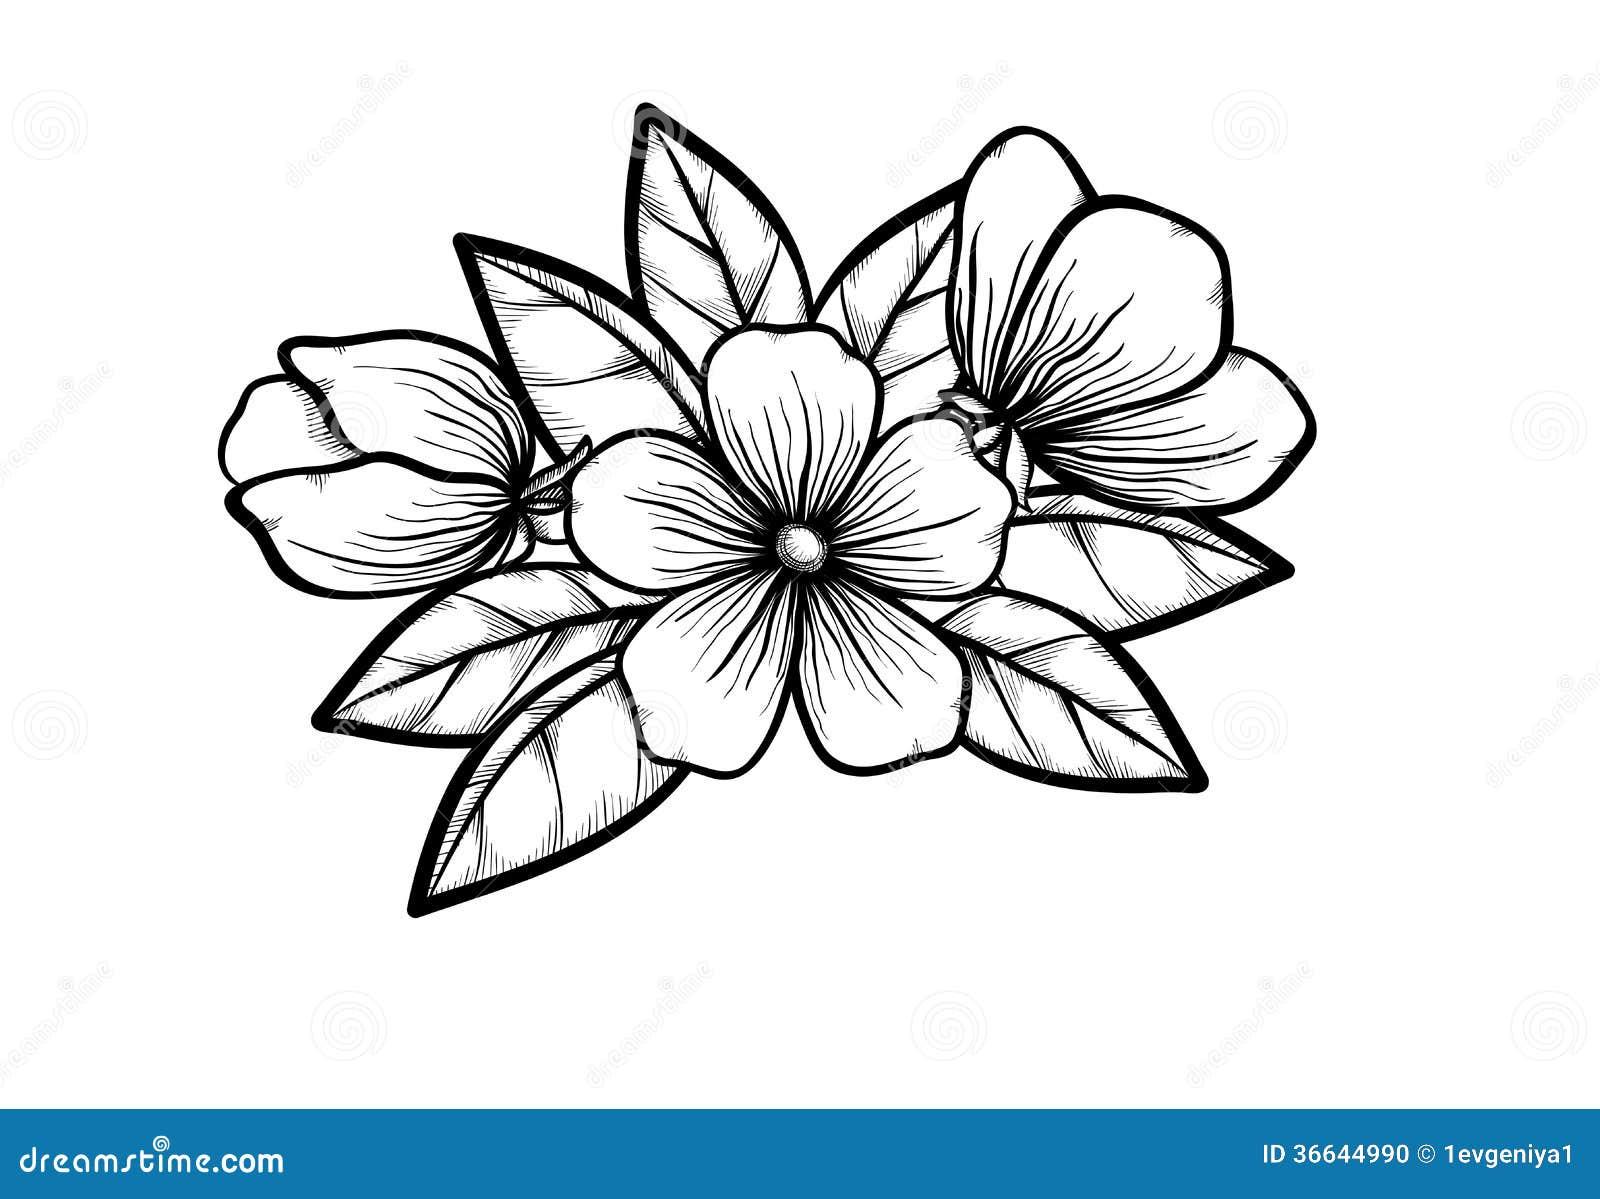 Замиокулькас долларовое дерево цветок безбрачия уход в